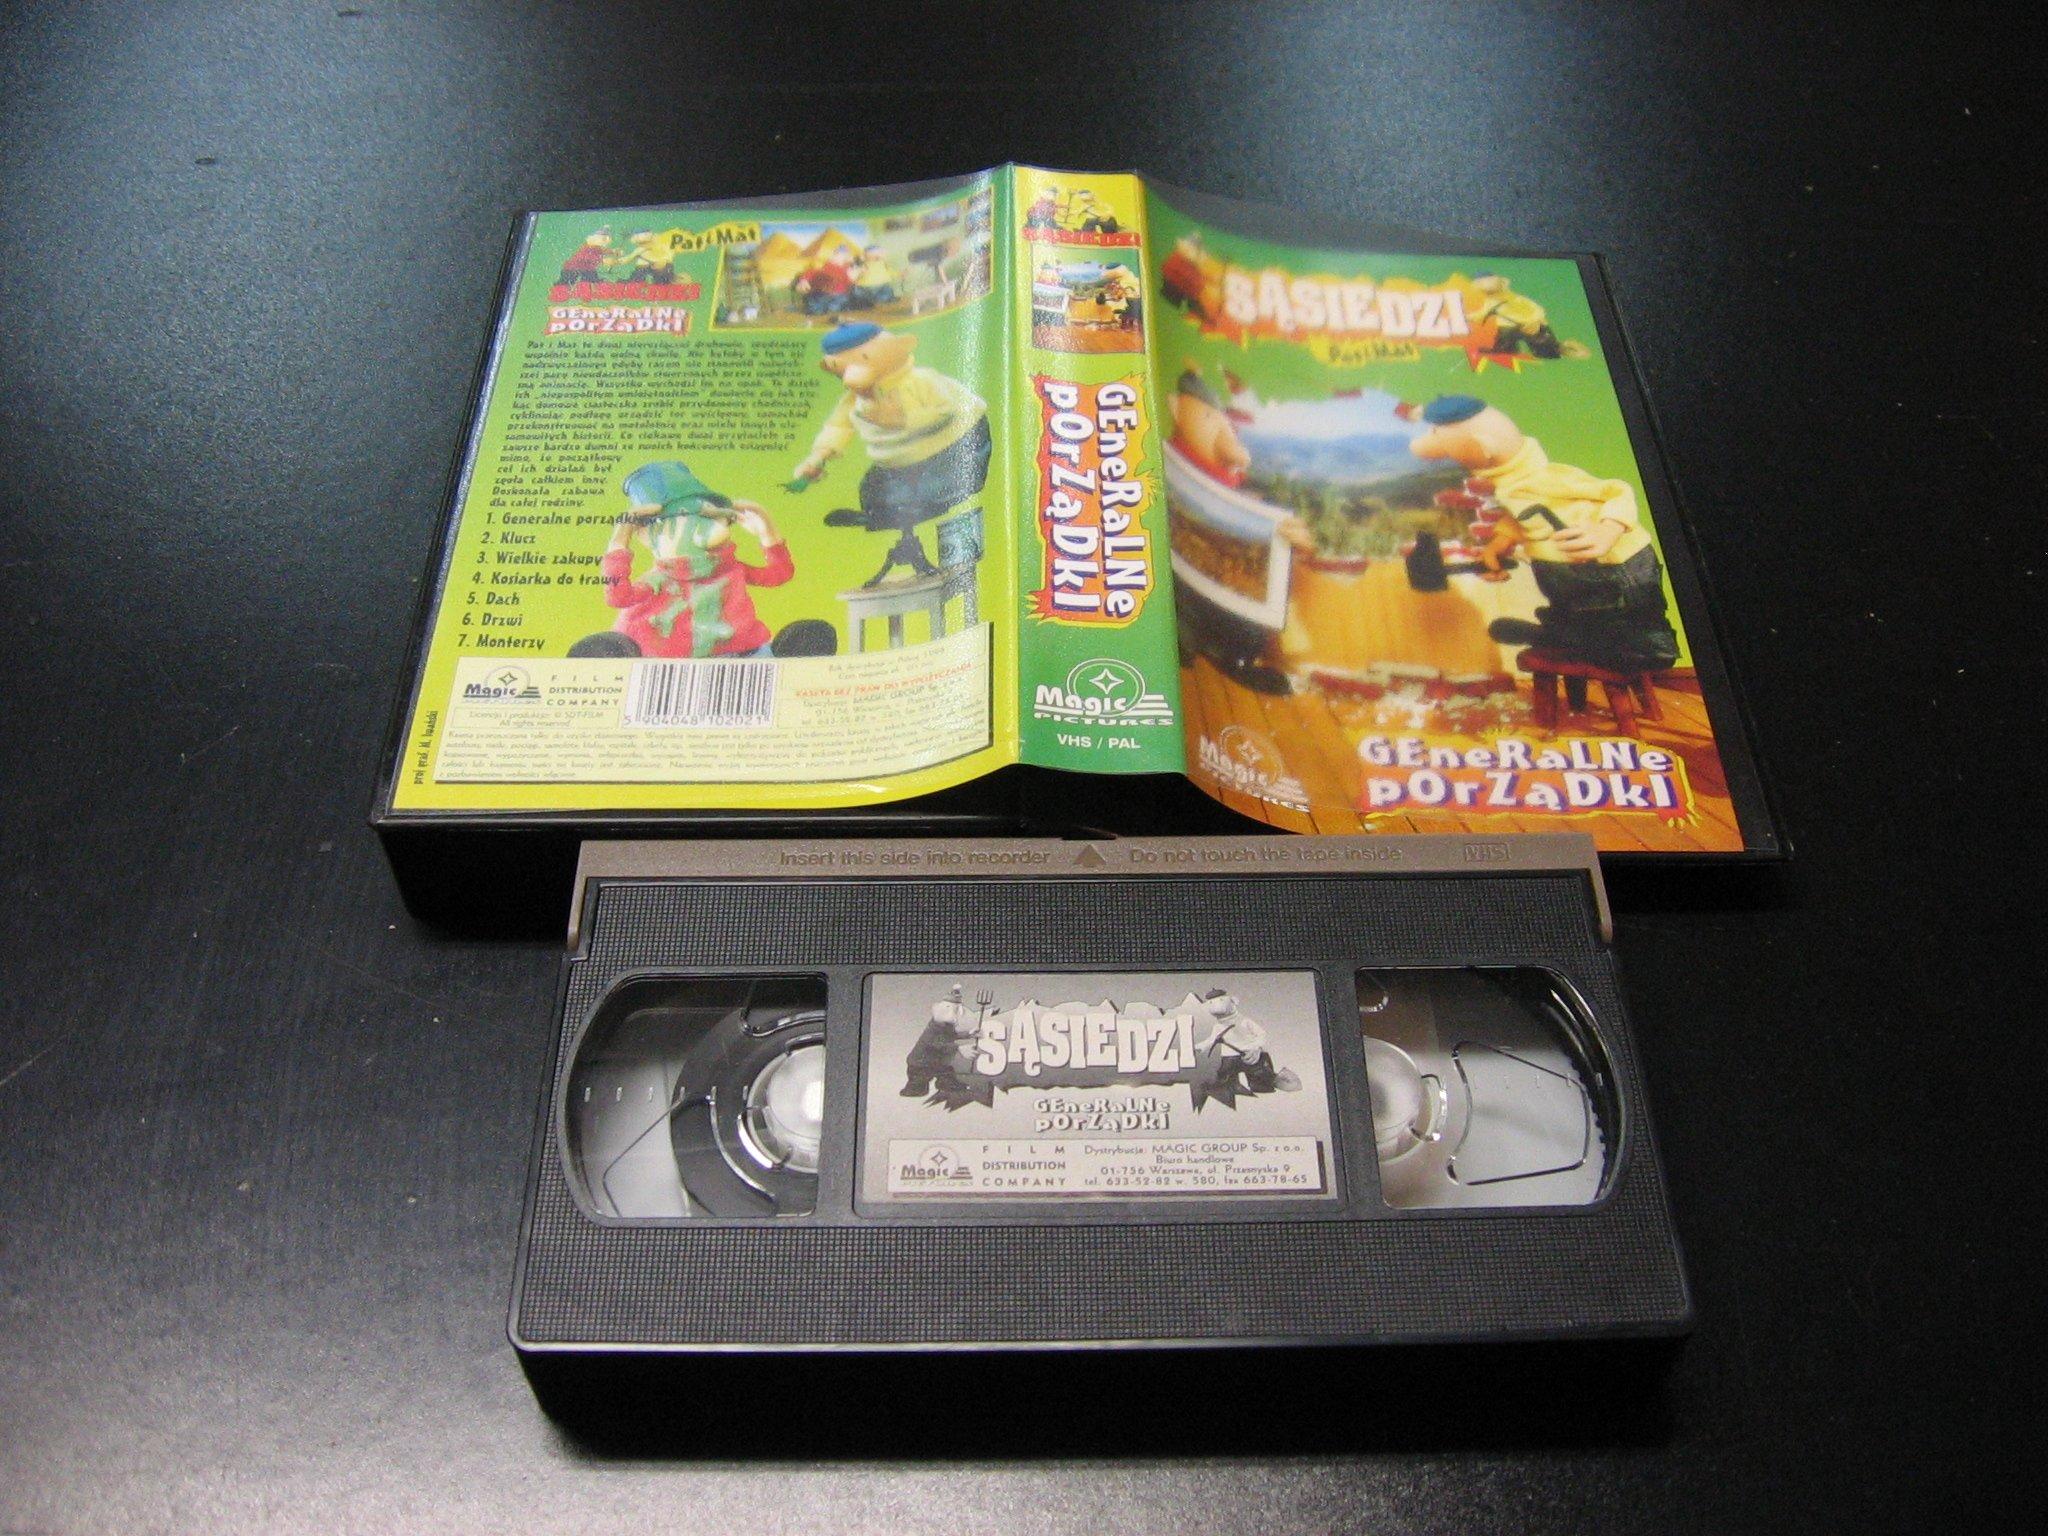 SĄSIEDZI PAT I MAT GENERALNE PORZĄDKI -  kaseta VHS - 1127 Opole - AlleOpole.pl